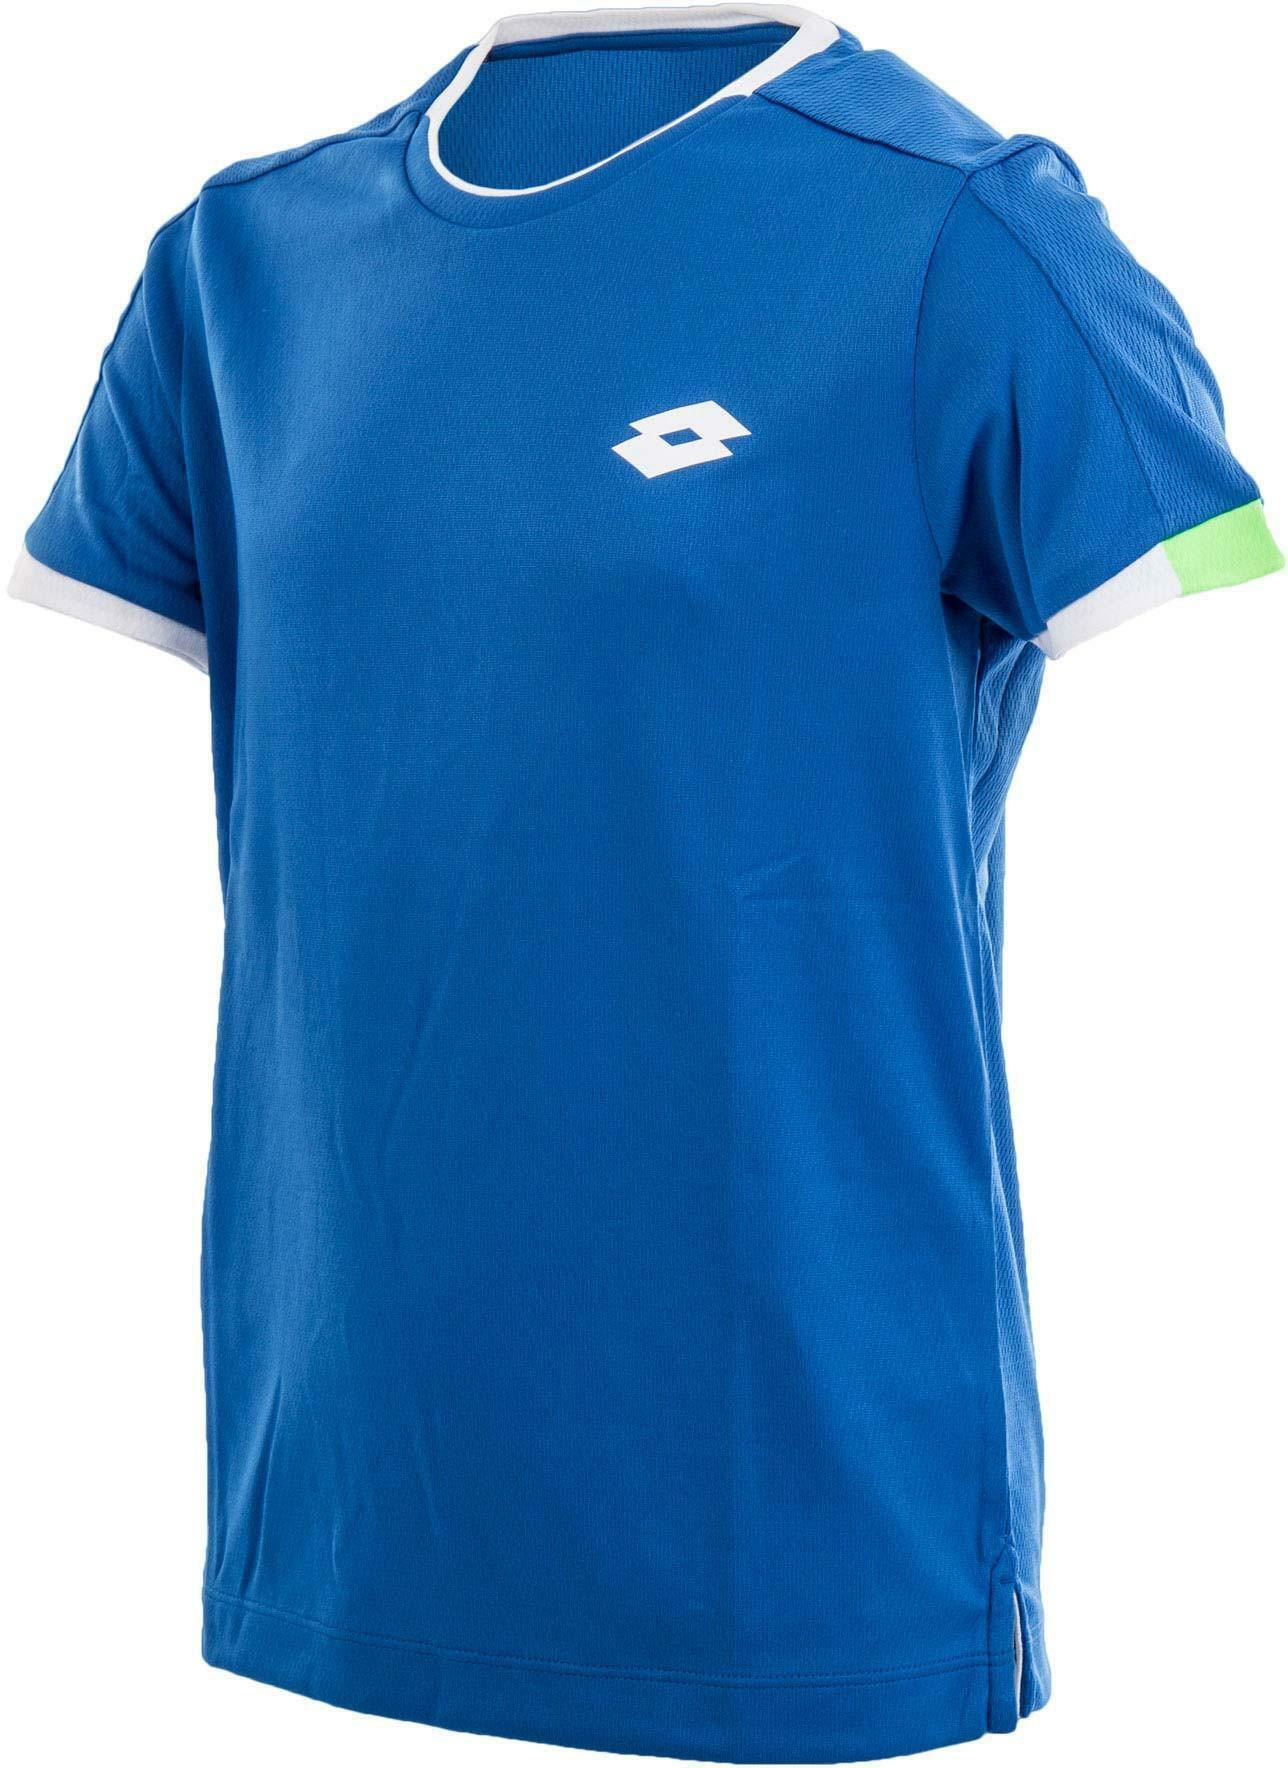 lotto lotto aydex ii tee b maglia tennis deep dry tech bambino azzurra s1304